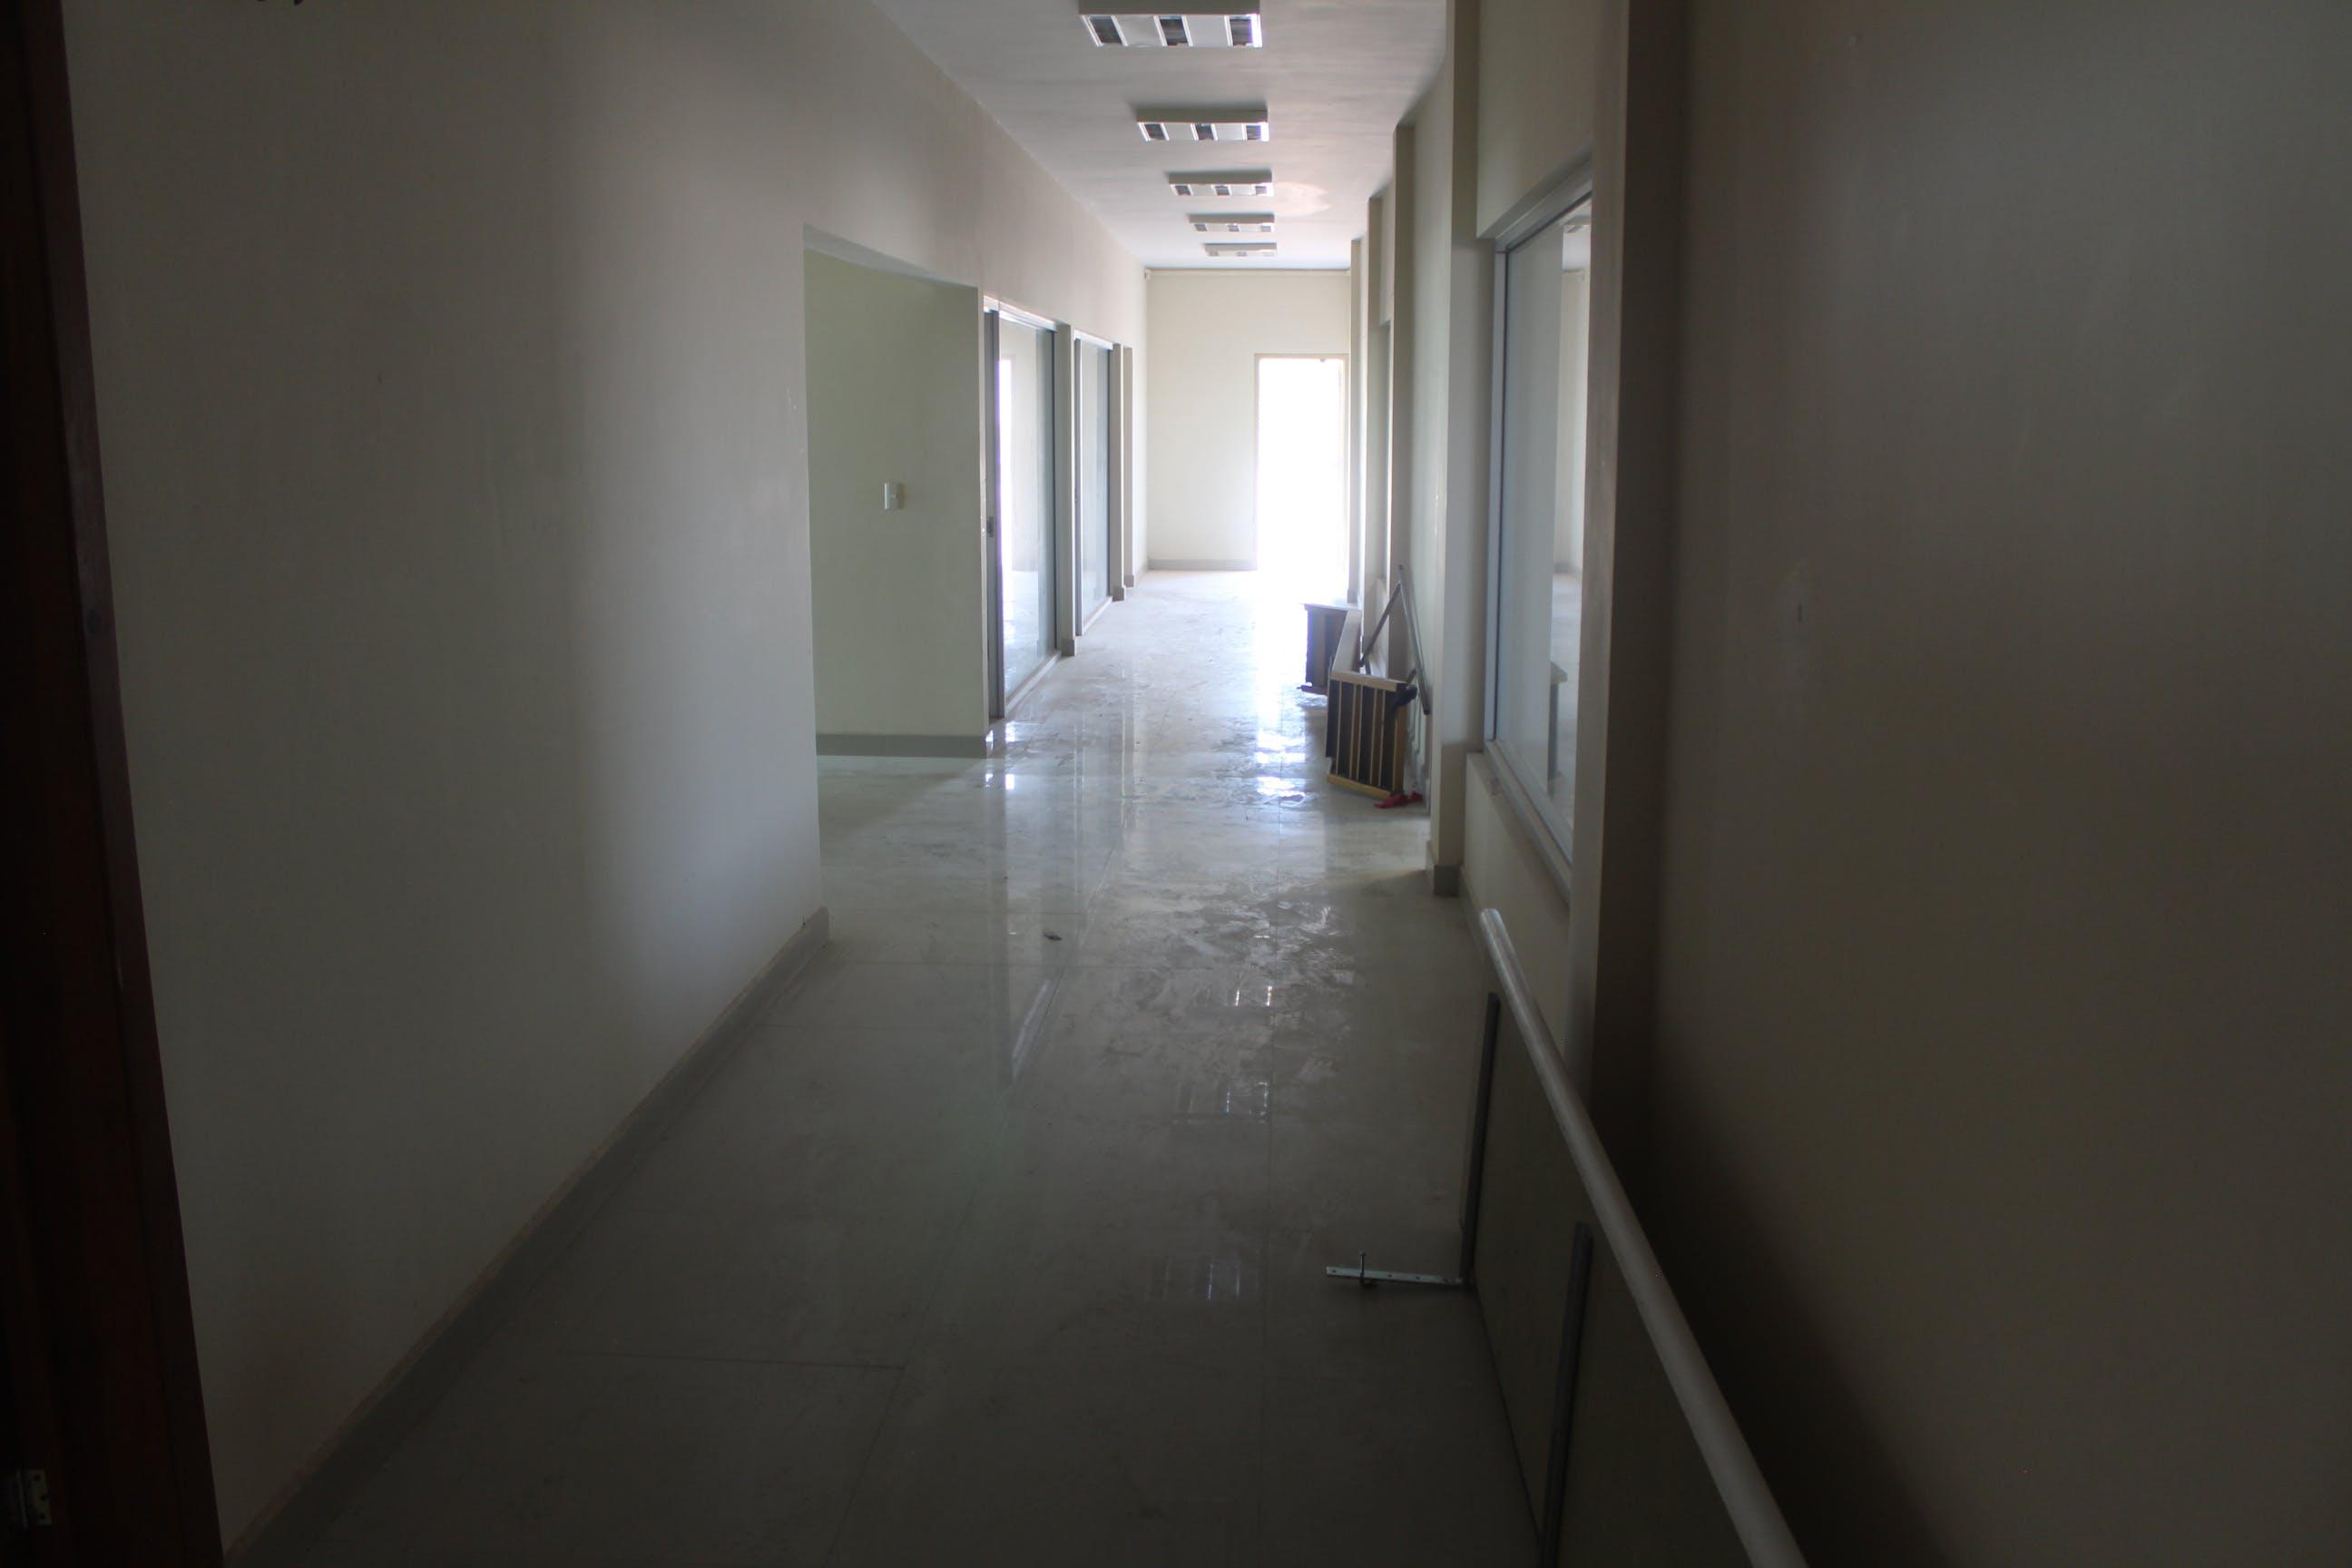 Oficinas abandonadas del proyecto del Tecnológico de México.